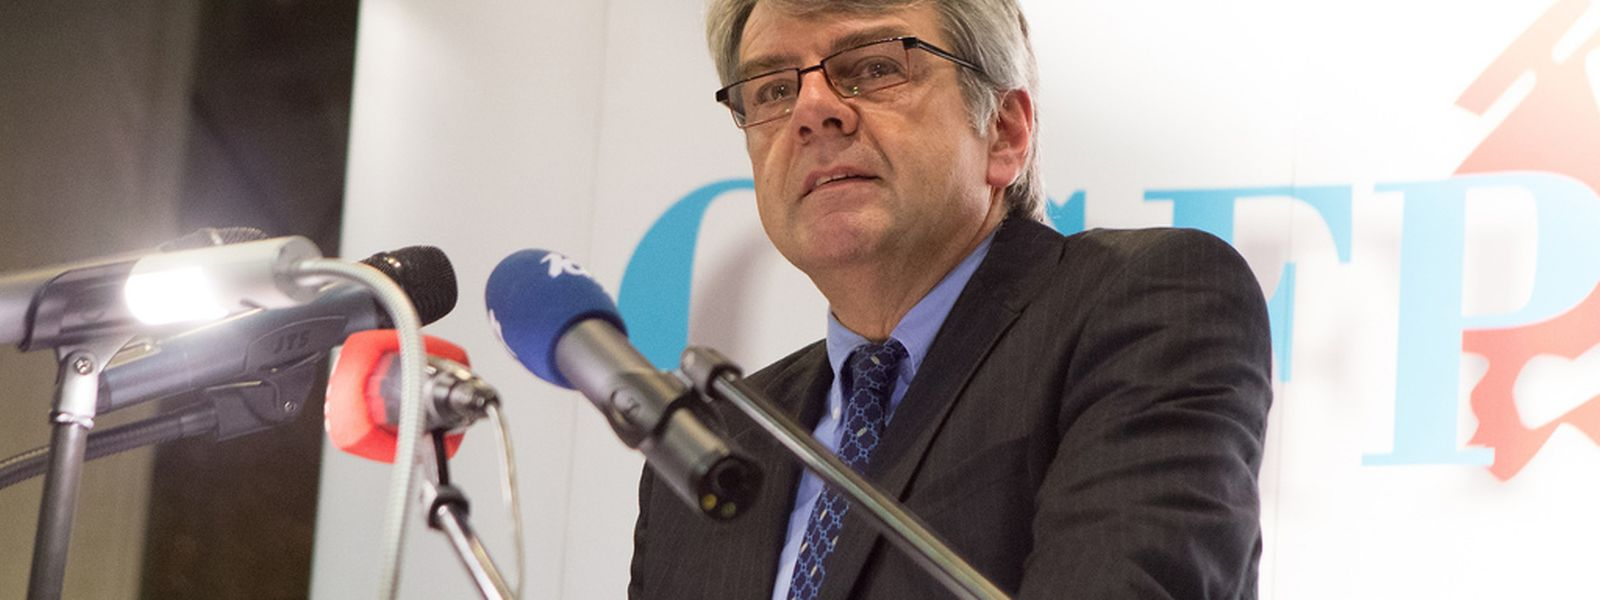 CGFP-Generalsekretär Romain Wolff will bei der Steuerreform eine einseitige Belastung auf Kosten der Beschäftigten nicht zulassen.